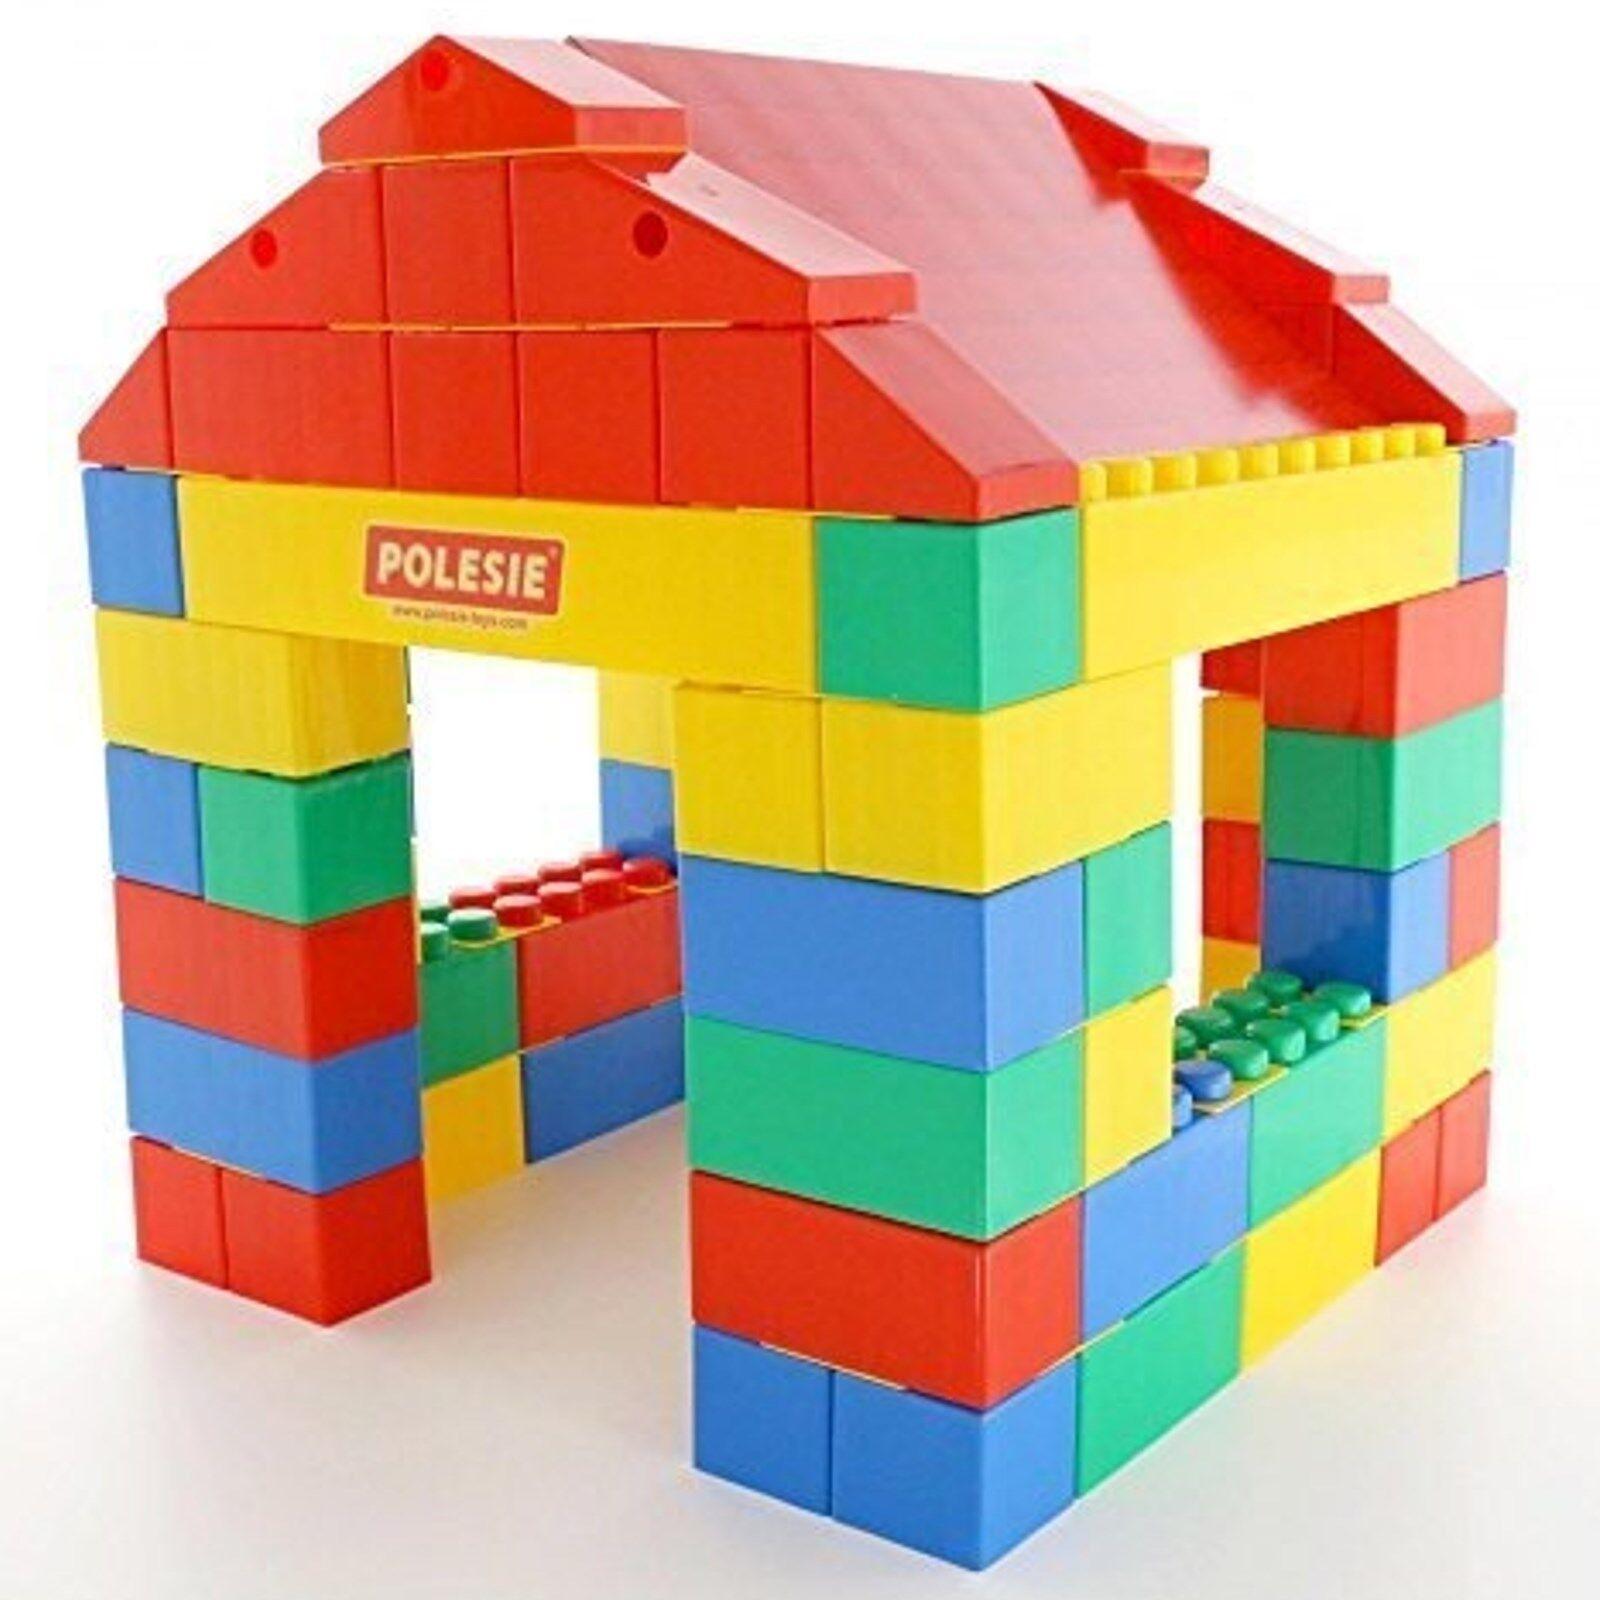 картинки гаража из кубиков такими фотокнигами дарите